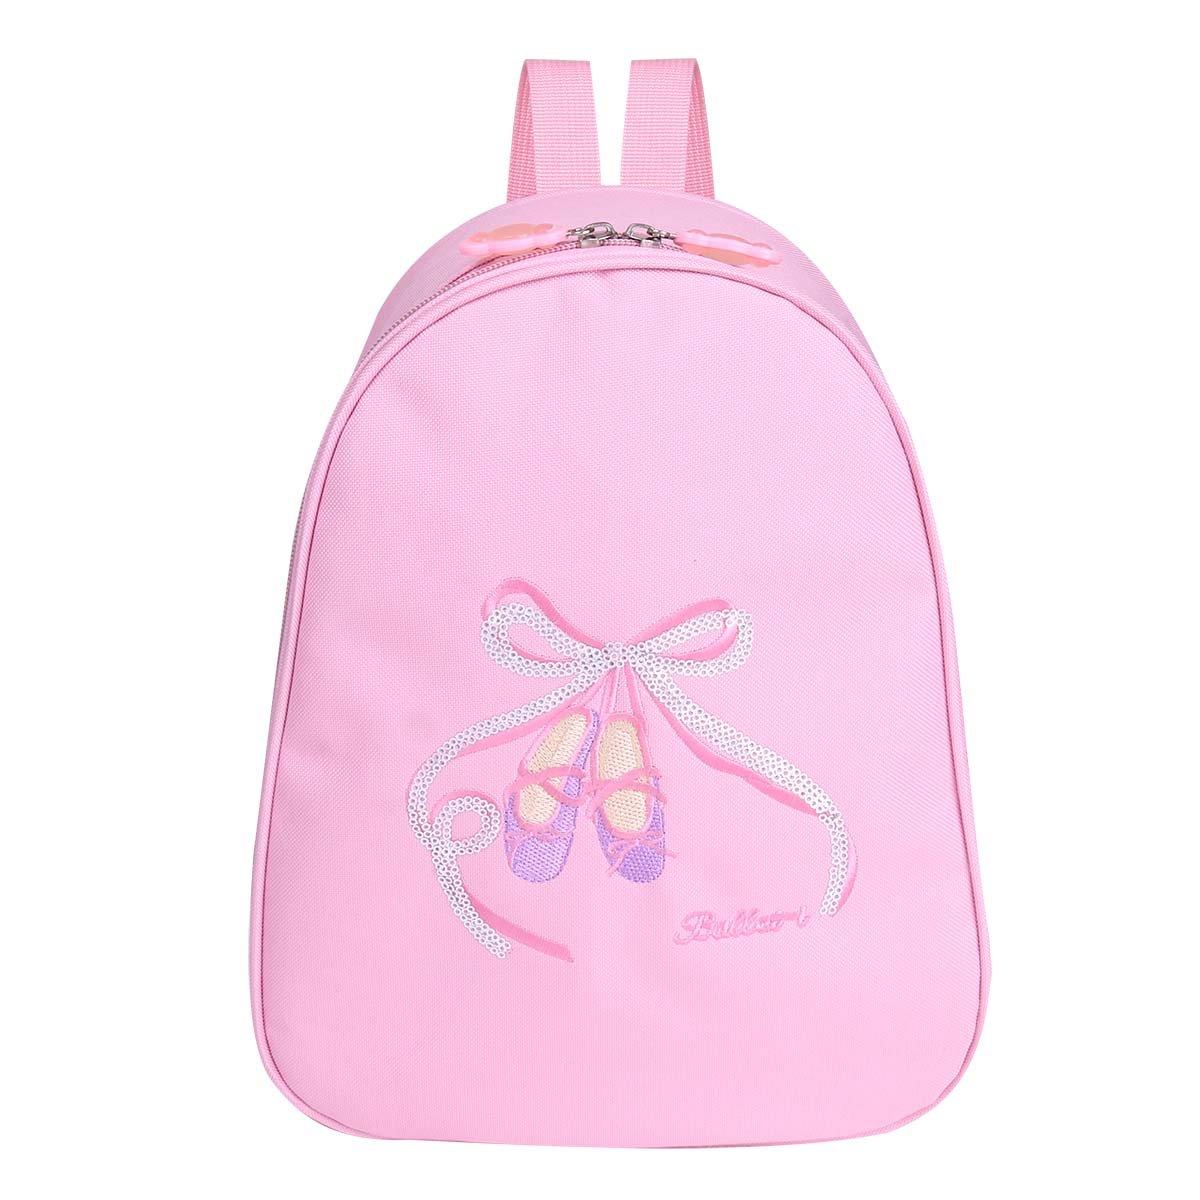 chictry Little GirlsダンスショルダーバッグDancing学校バレエジムバックパック B07HNZQXP5 A 12.5 x 5.0 x 10.0 inch Pink